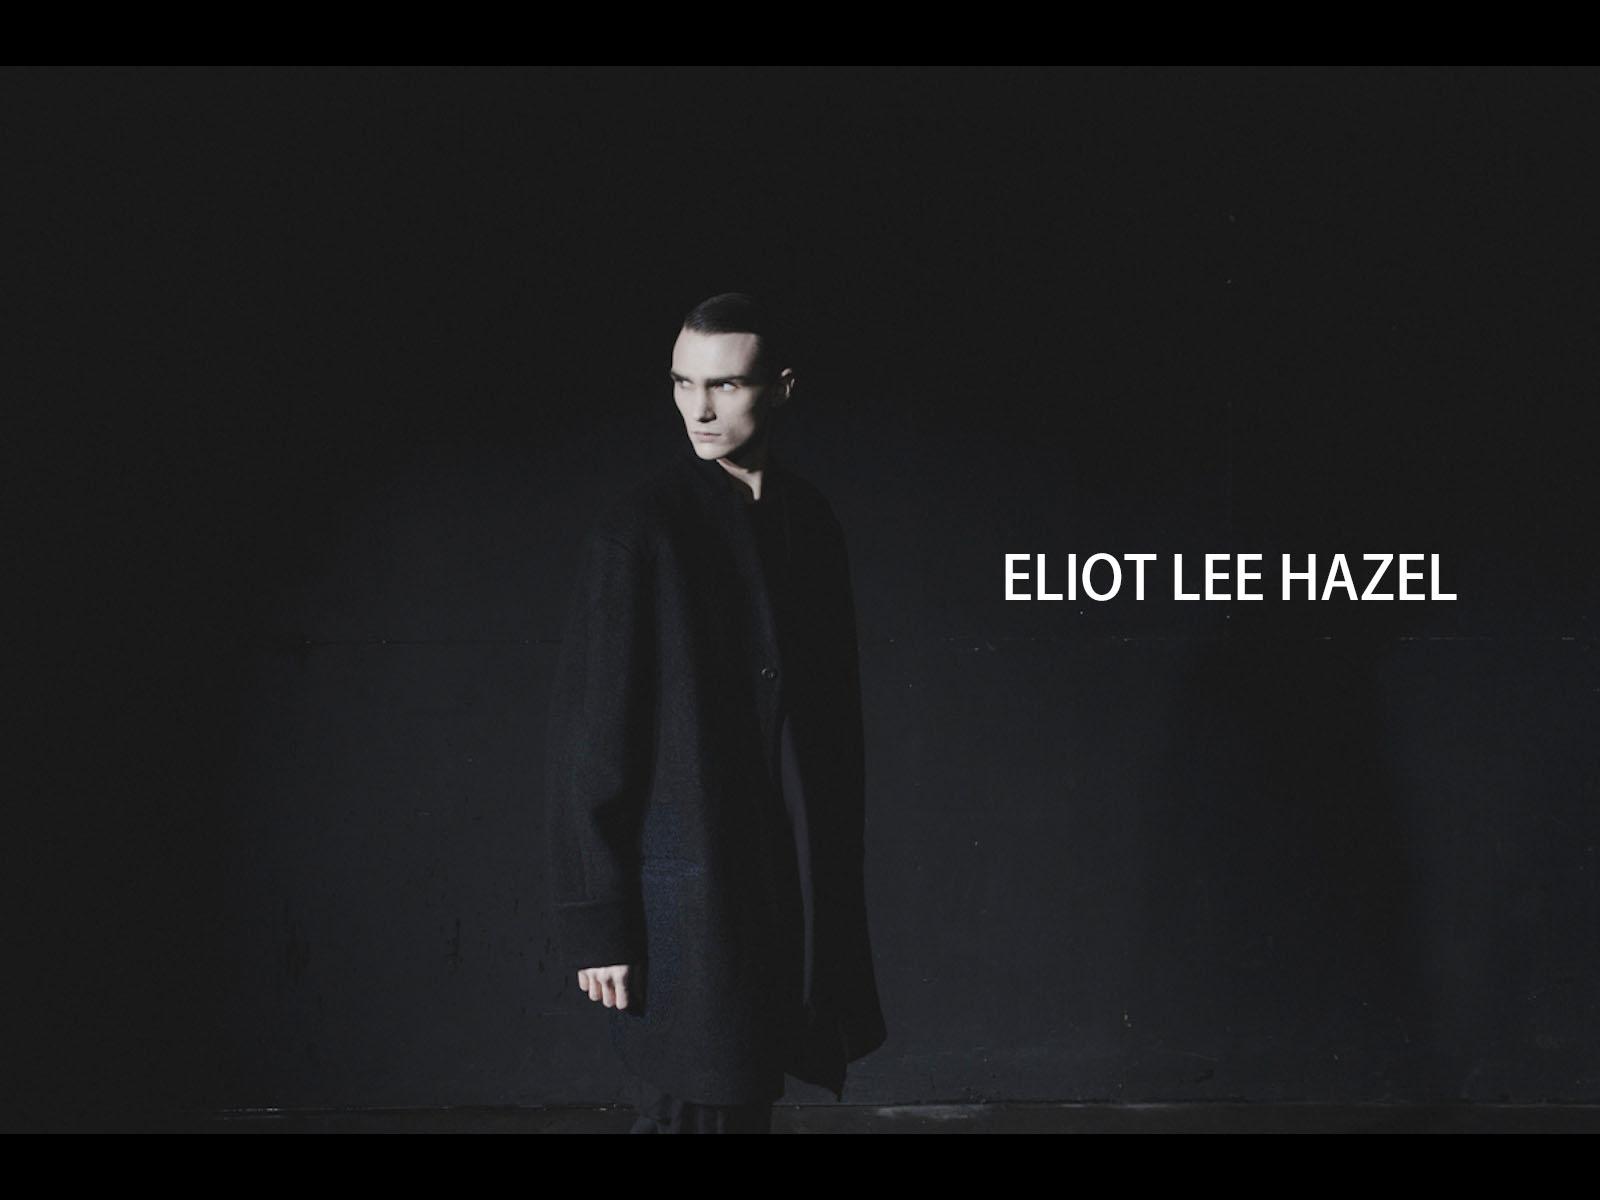 ARTIST : ELIOT LEE HAZE